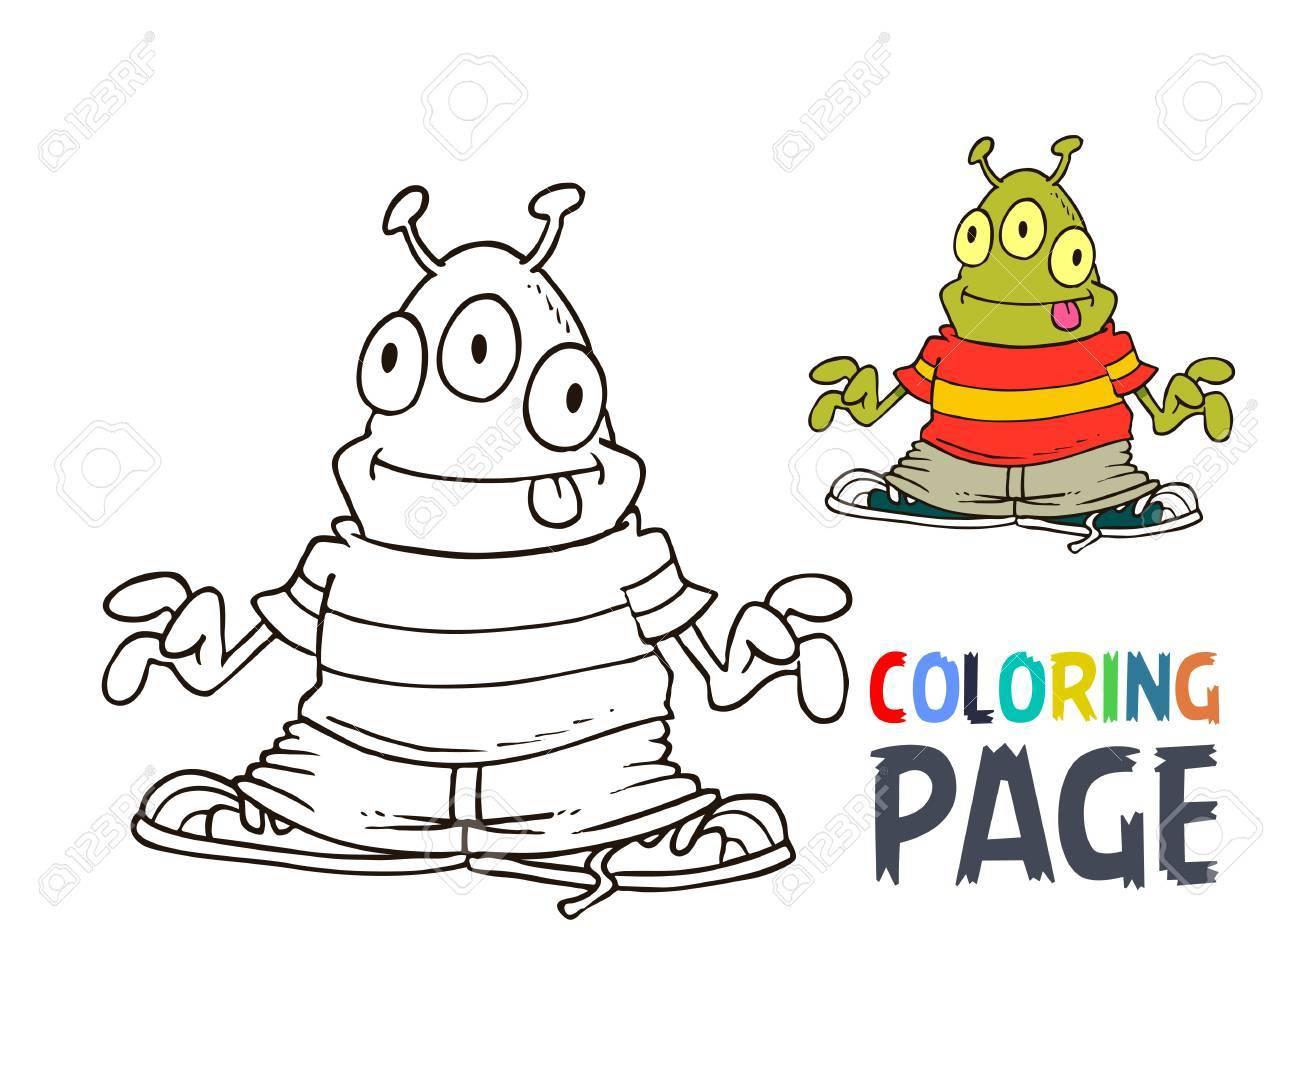 Dibujos Para Colorear Alienígena Ilustraciones Vectoriales, Clip Art ...